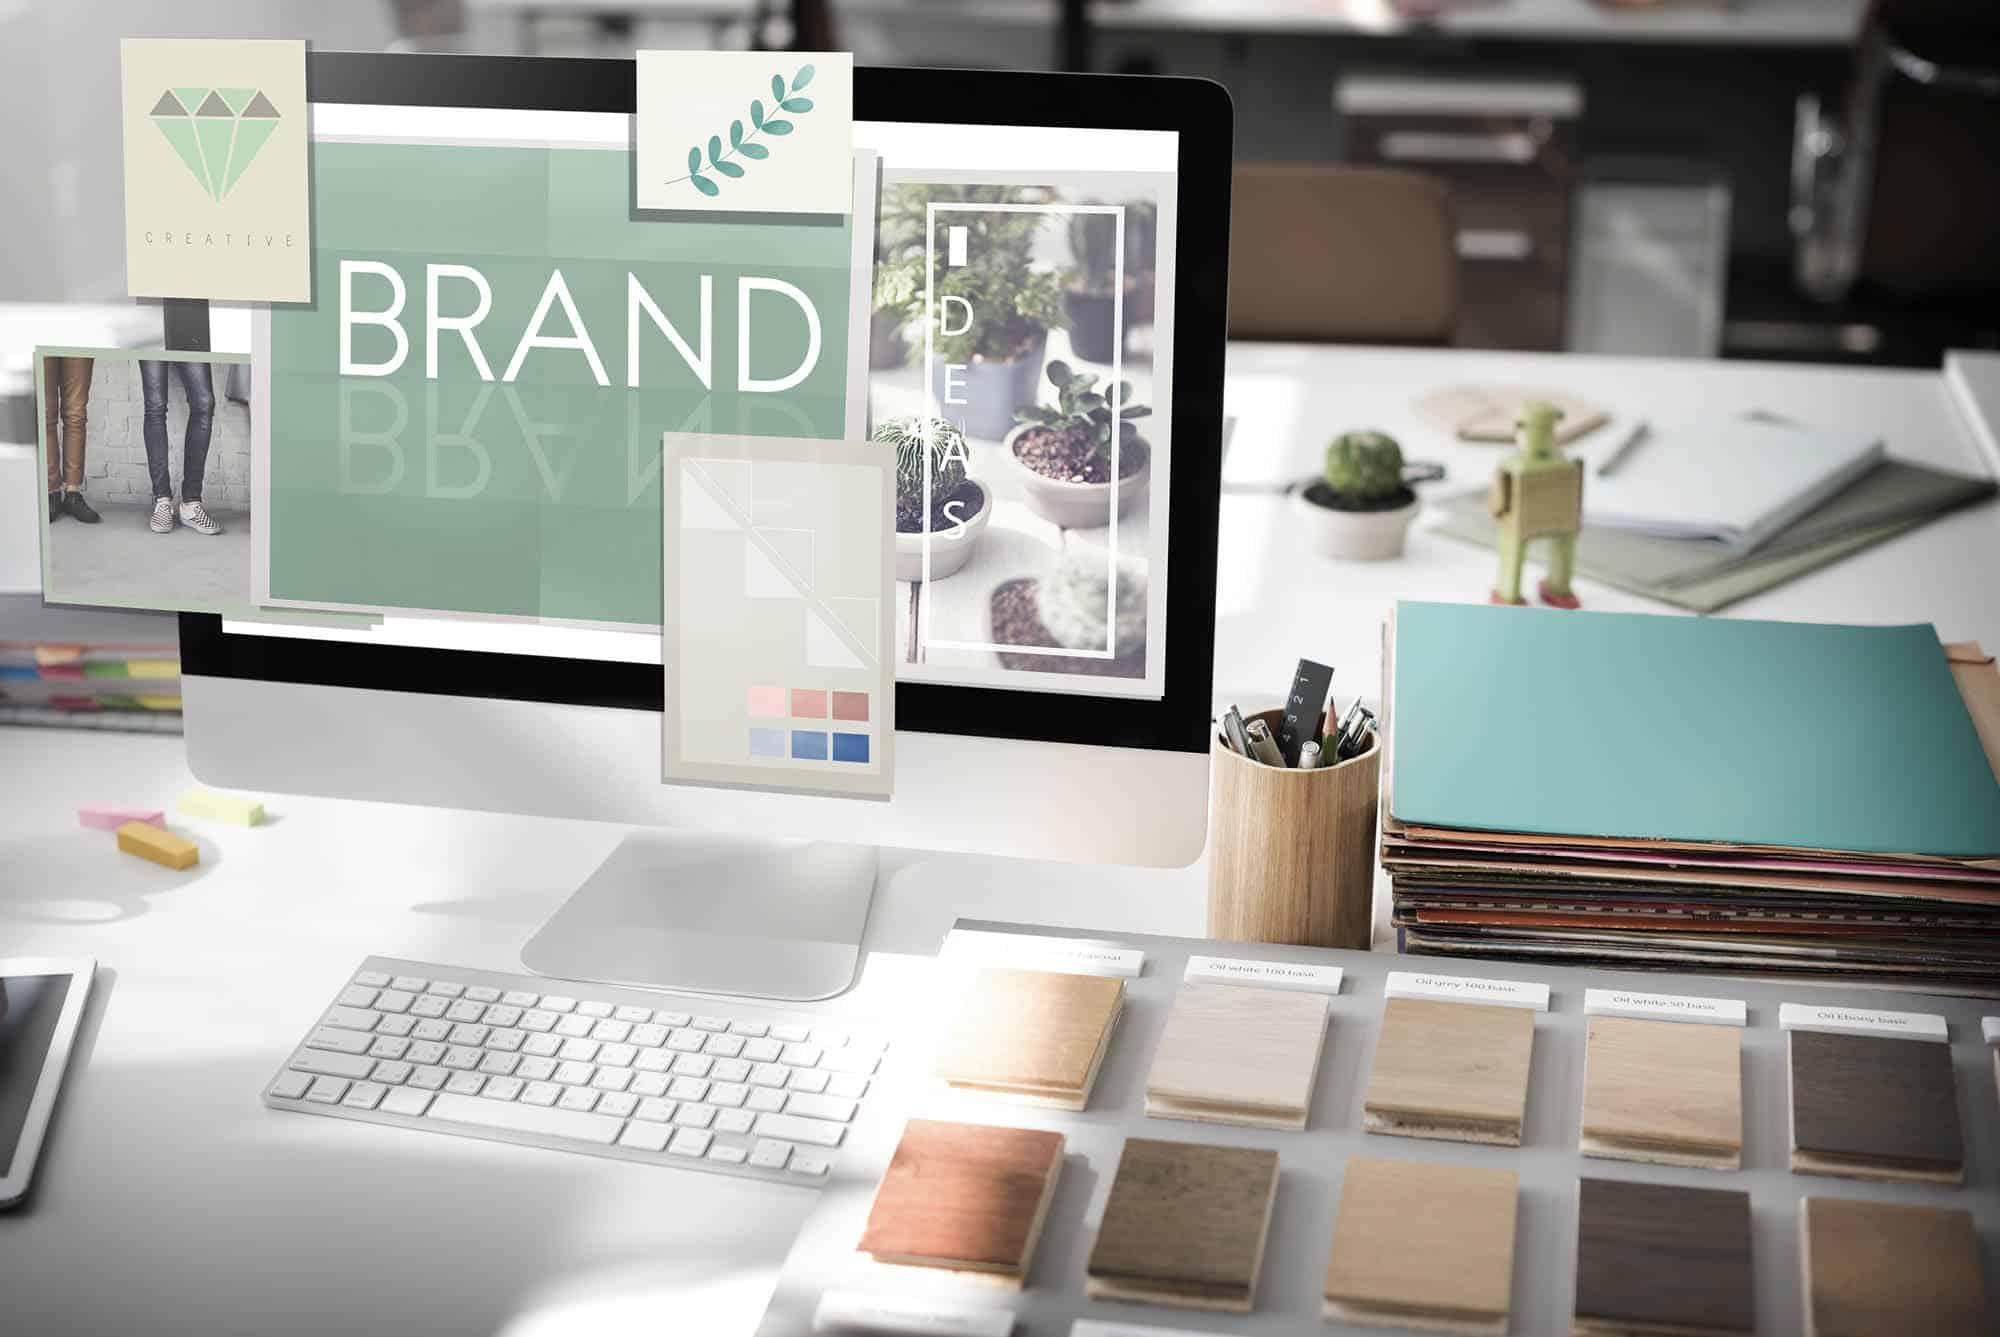 Werbeagentur Werbenetzwerk baut Marken auf